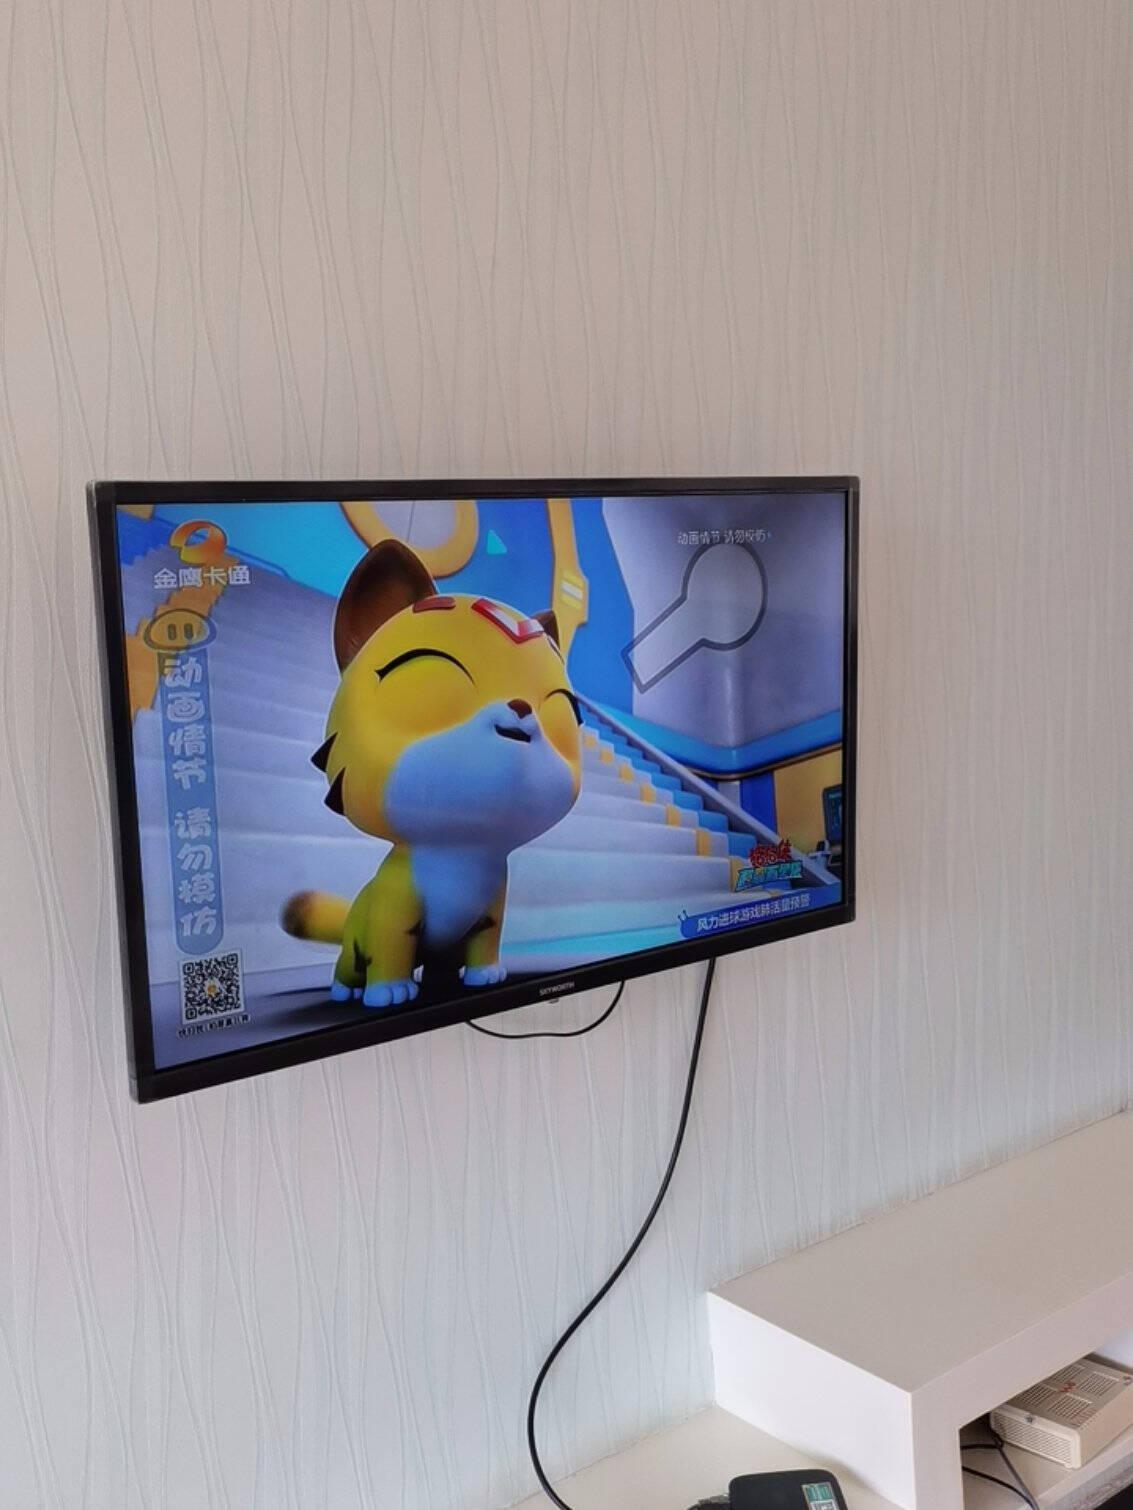 创维(SKYWORTH)32X332英寸窄边薄款蓝光高清高清节能液晶平板电视性价比之选经典简约